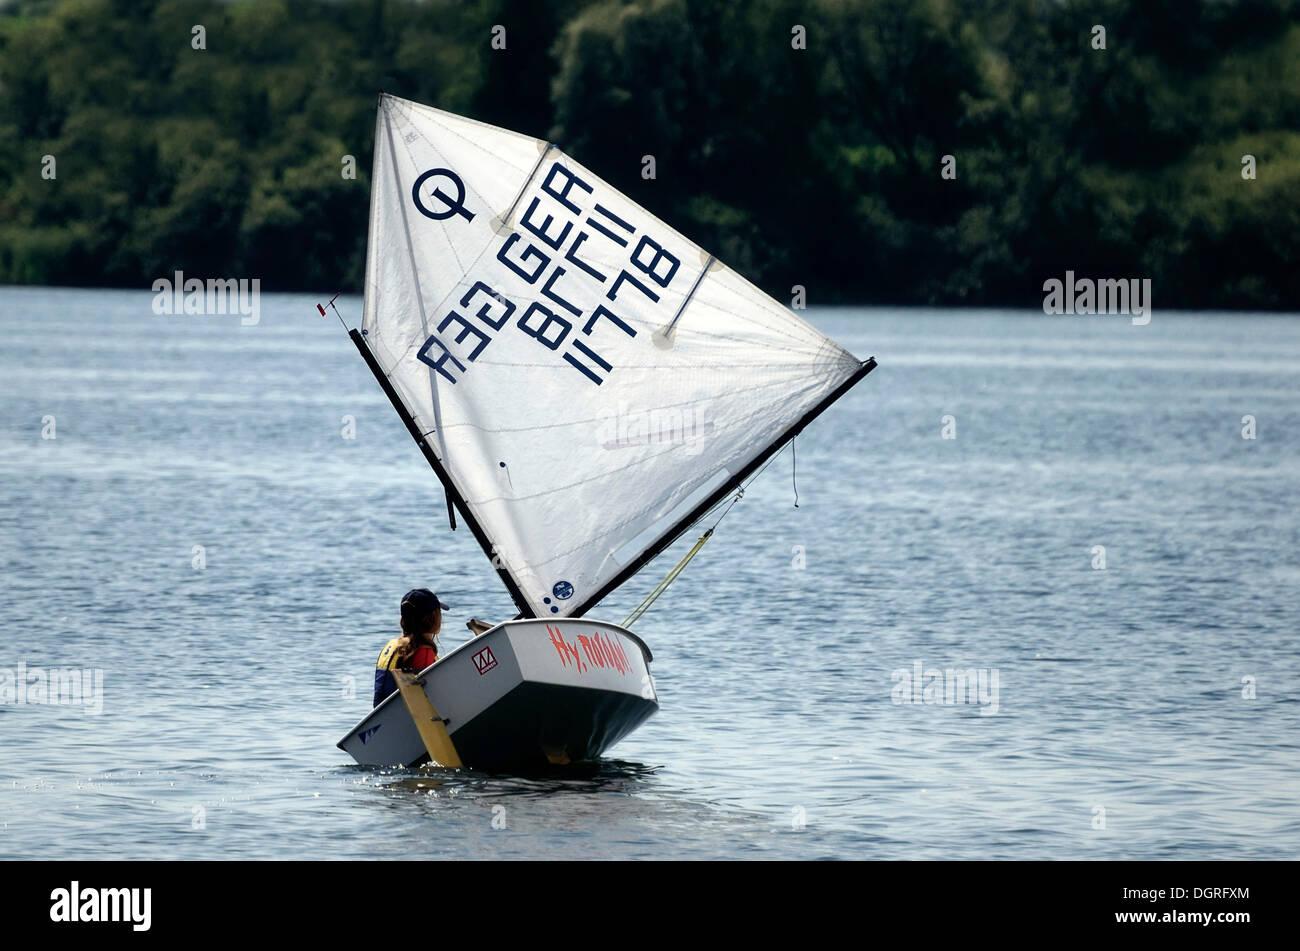 Jolle segeln für Kinder, optimist auf der Müritz, Mecklenburgische Seenplatte, Mecklenburg-Vorpommern Stockbild